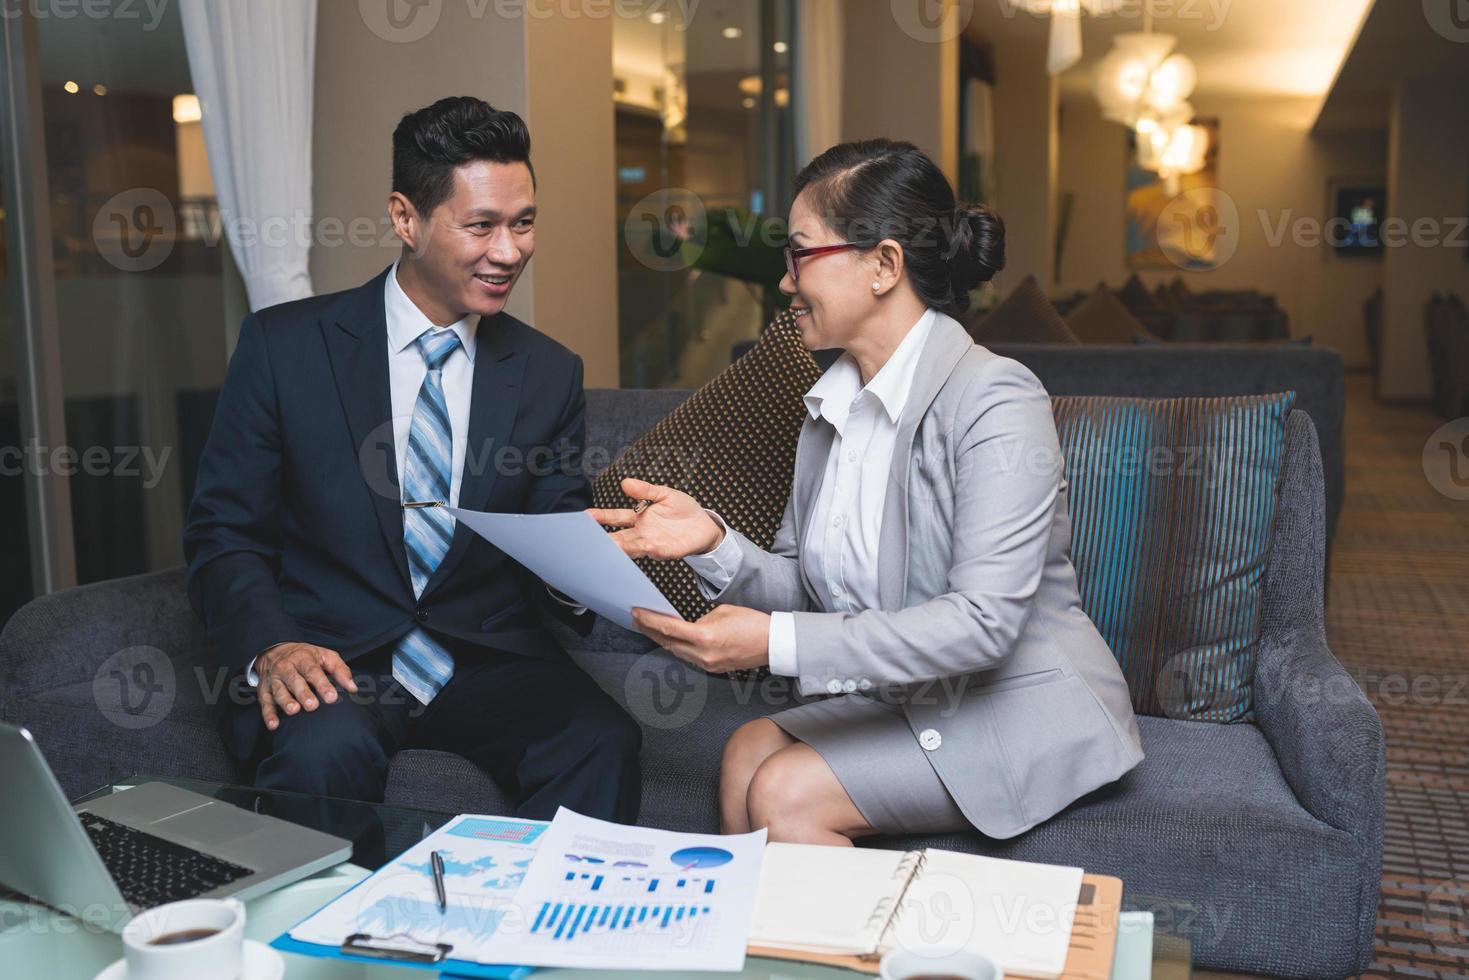 réunion d'affaires dans une ambiance agréable photo